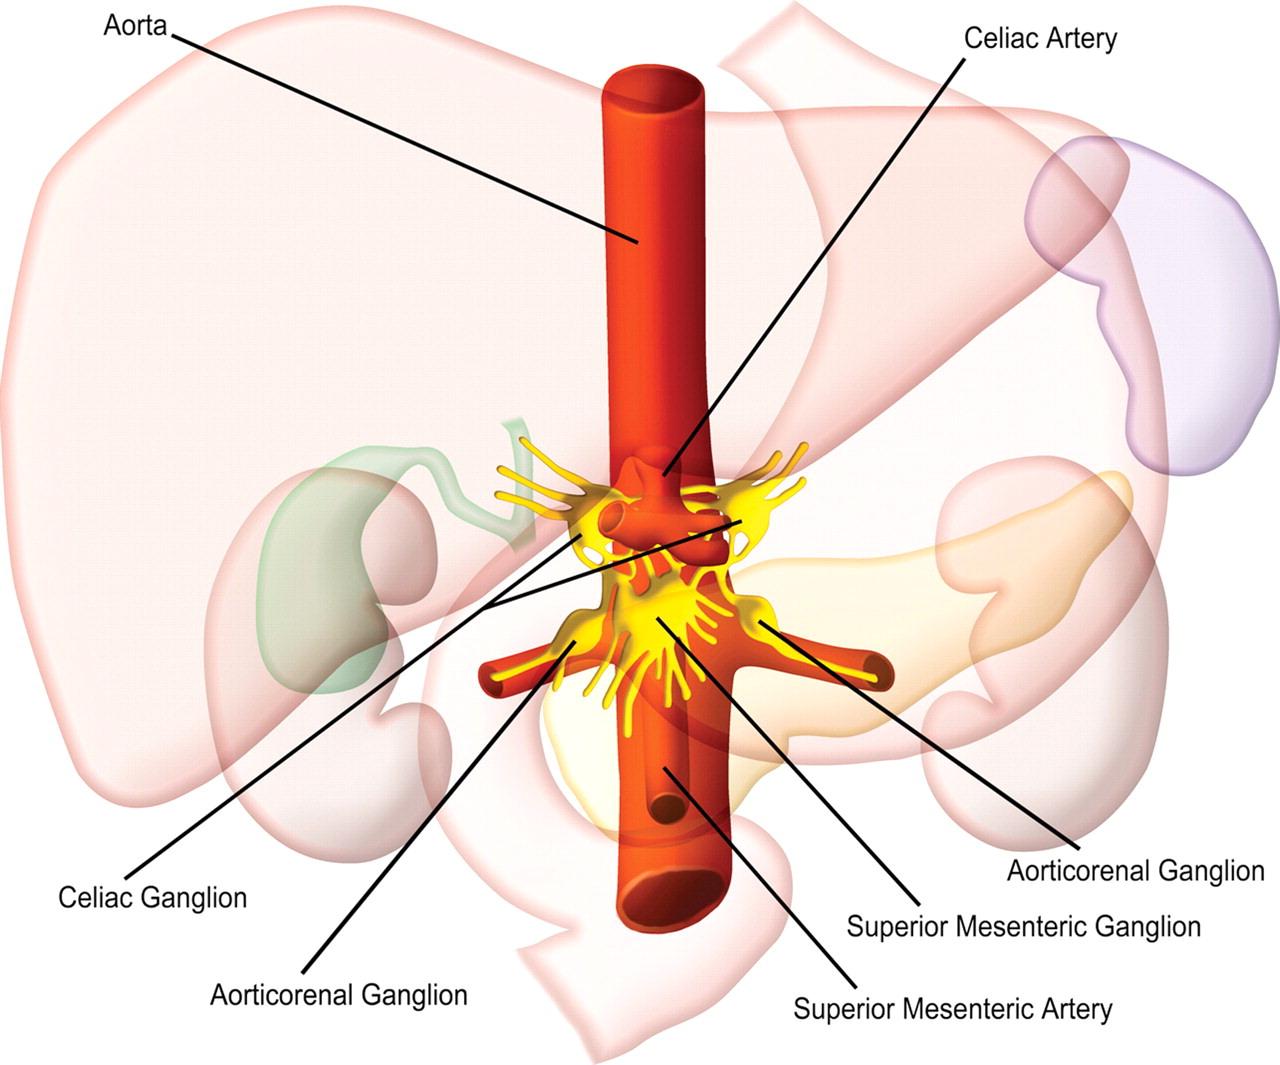 neurolysis, նեյրոլիզ, արևային հյուսակի